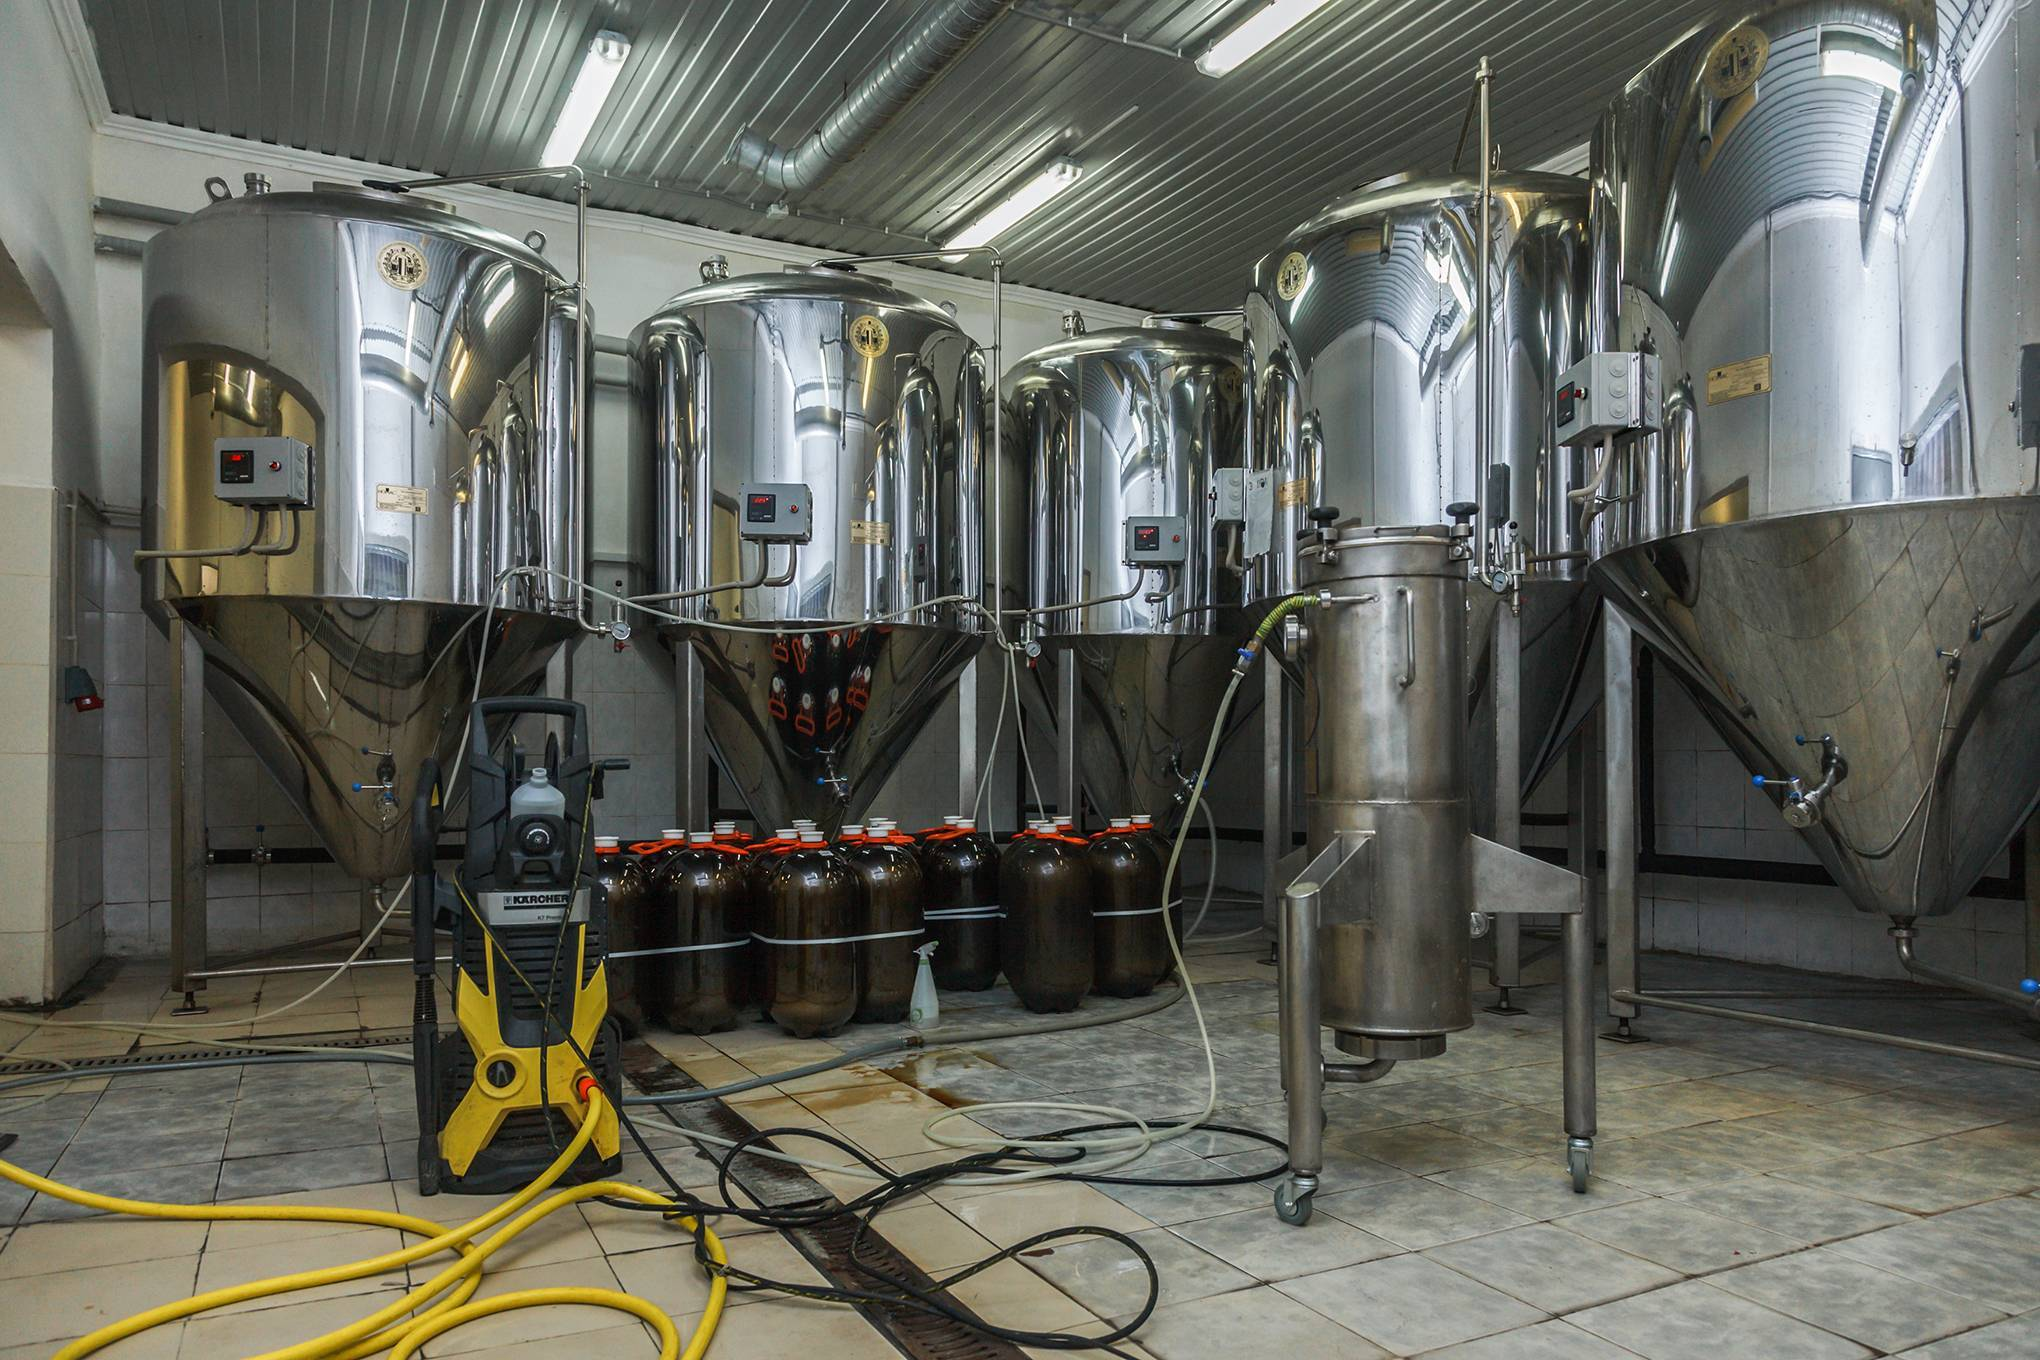 Производство пива в россии: необходимое оборудование, схема и технология